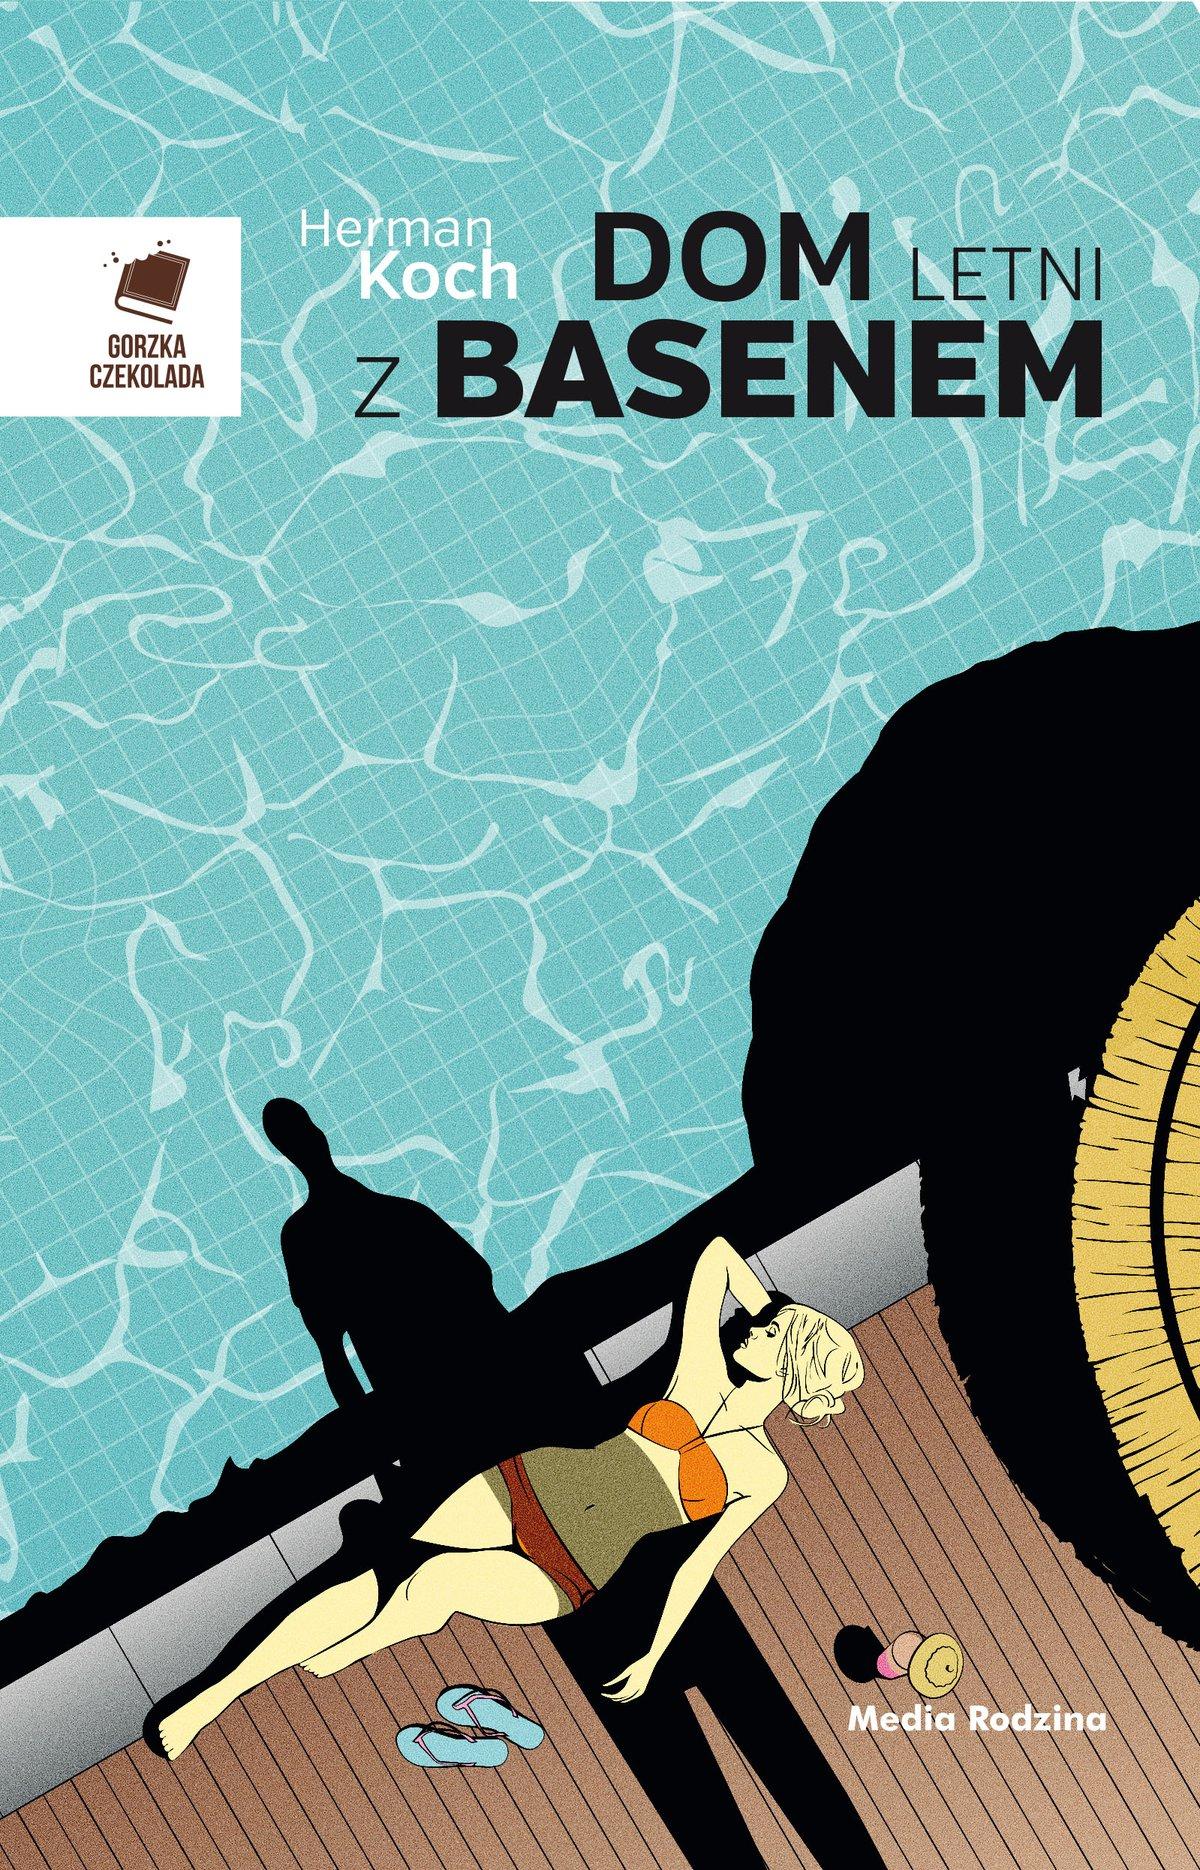 Dom letni z basenem - Ebook (Książka na Kindle) do pobrania w formacie MOBI